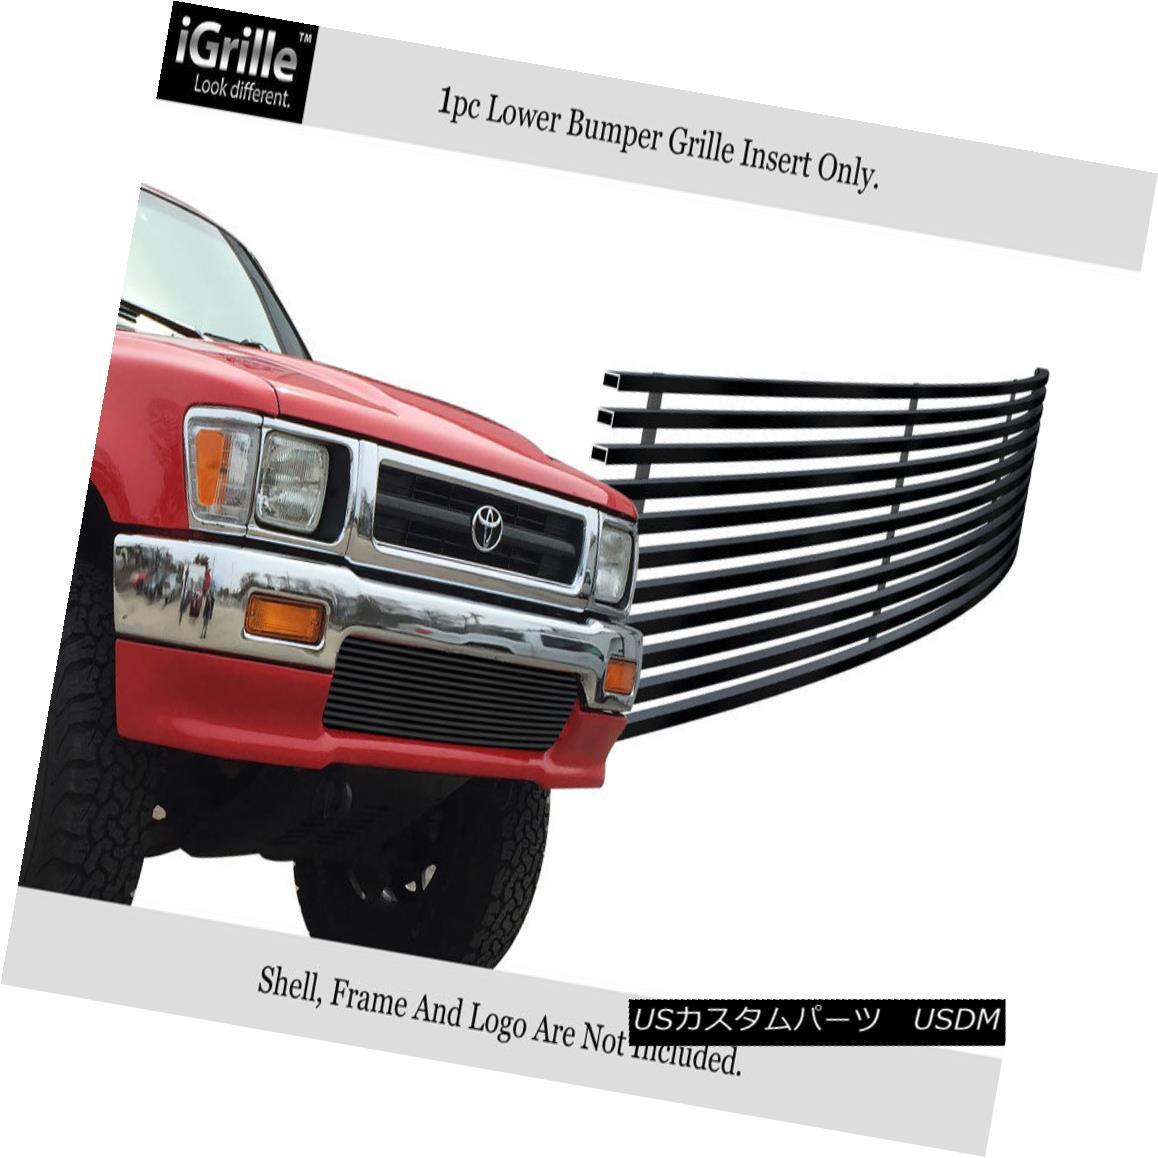 グリル For 92-94 Toyota Pickup Truck 4WD Black Stainless Steel Billet Bumper Grille 92-94トヨタピックアップトラック用4WDブラックステンレス鋼ビレットバンパーグリル